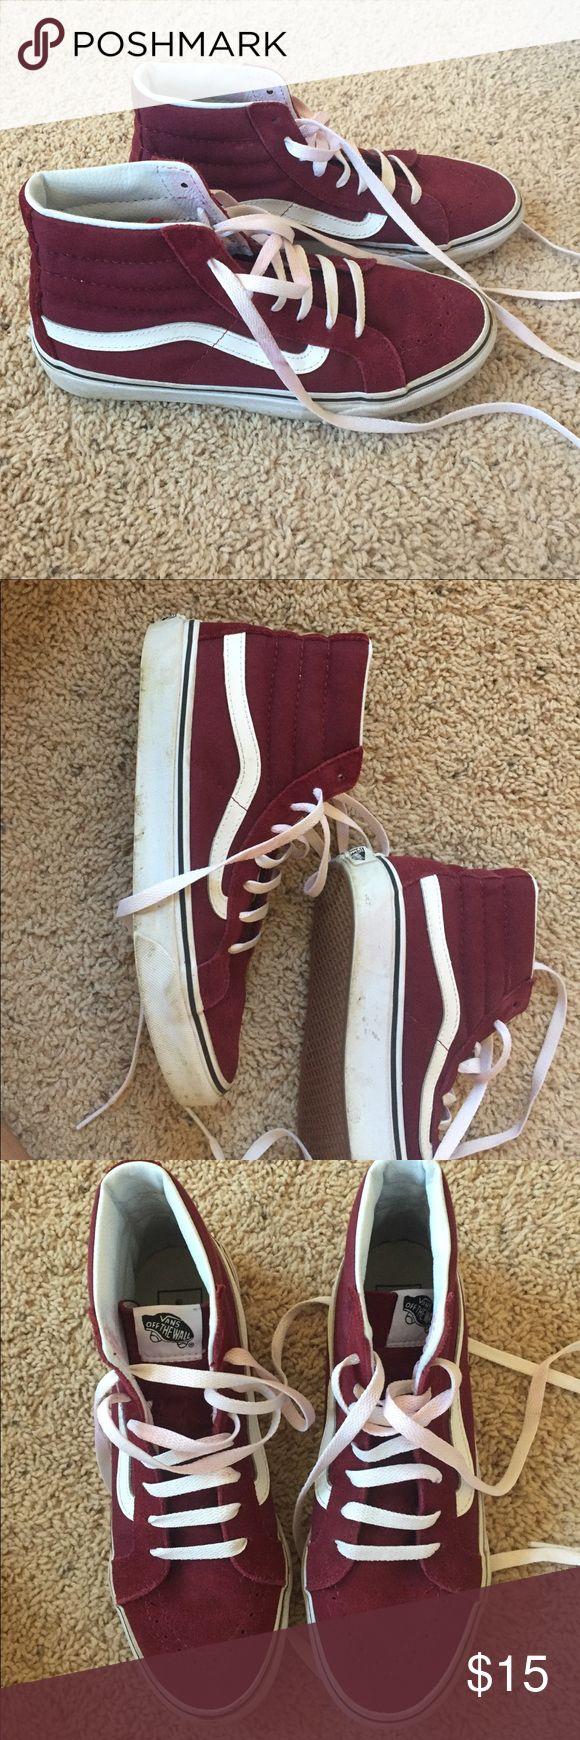 Maroon high top vans Maroon high top vans Vans Shoes Sneakers